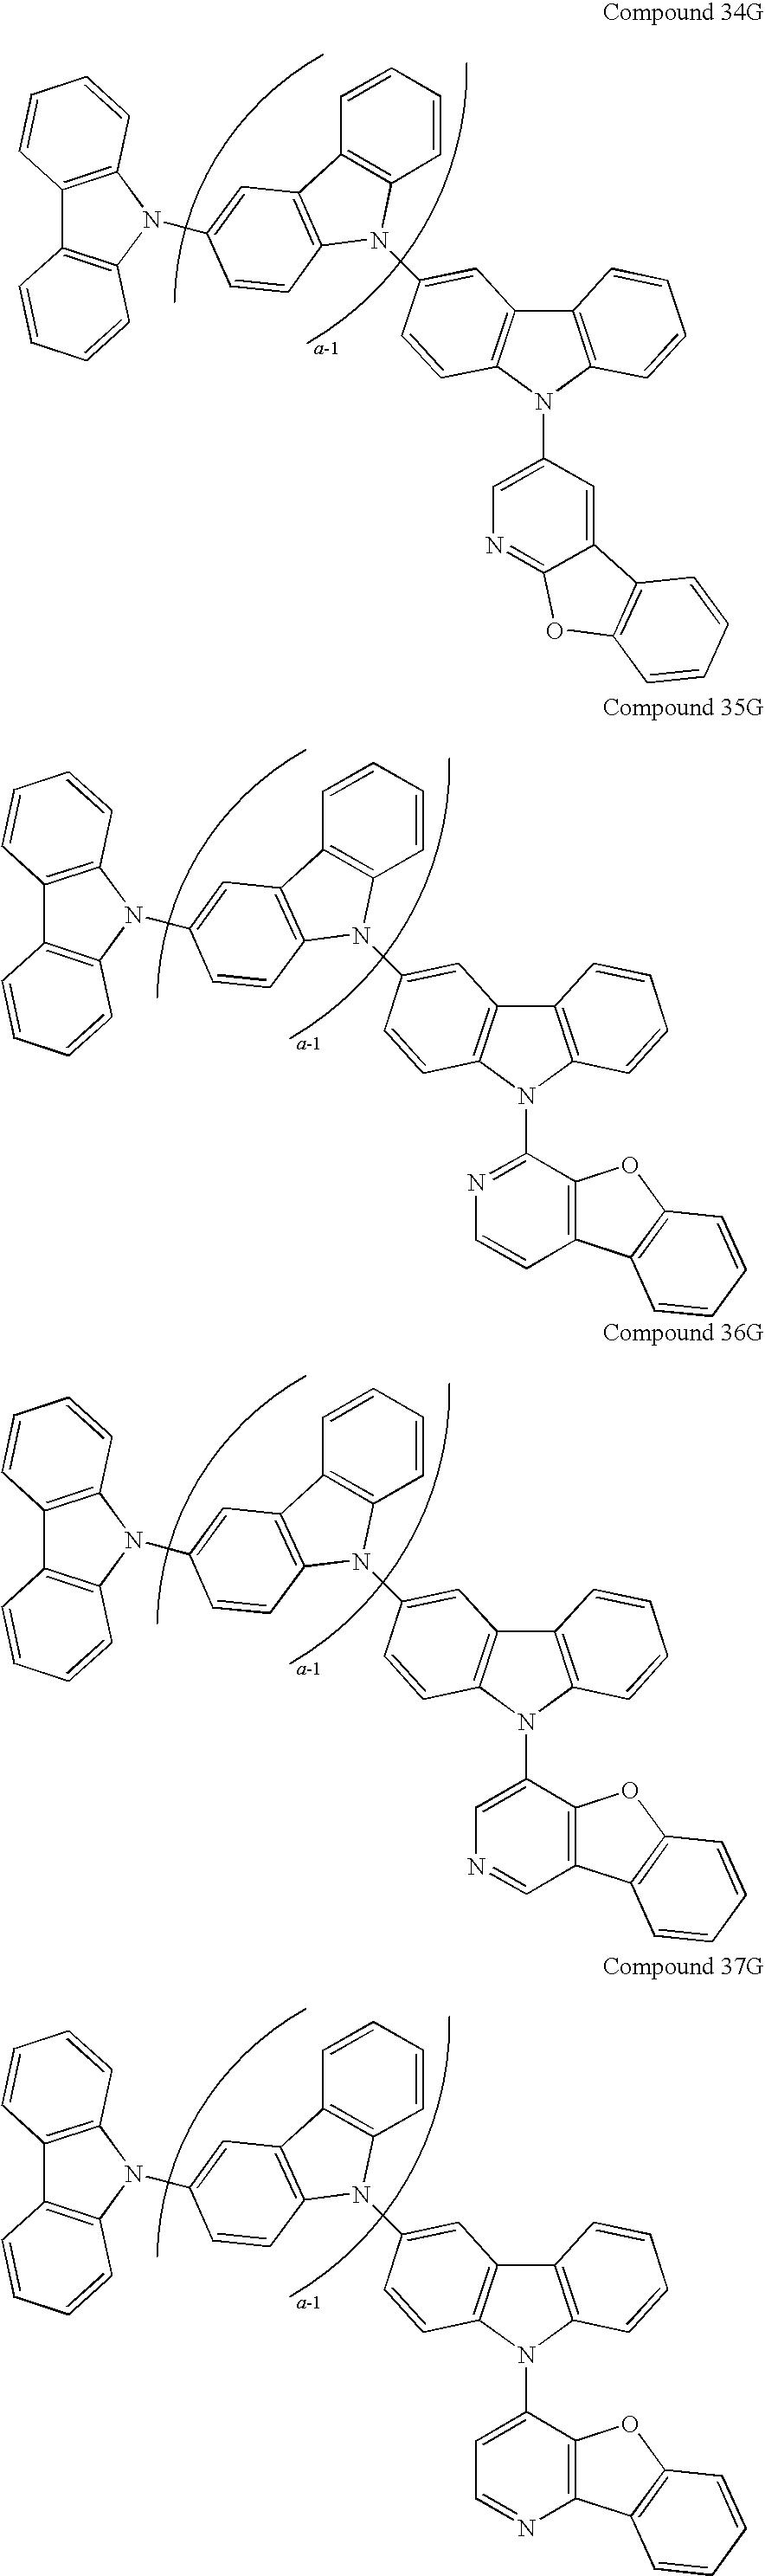 Figure US20090134784A1-20090528-C00210